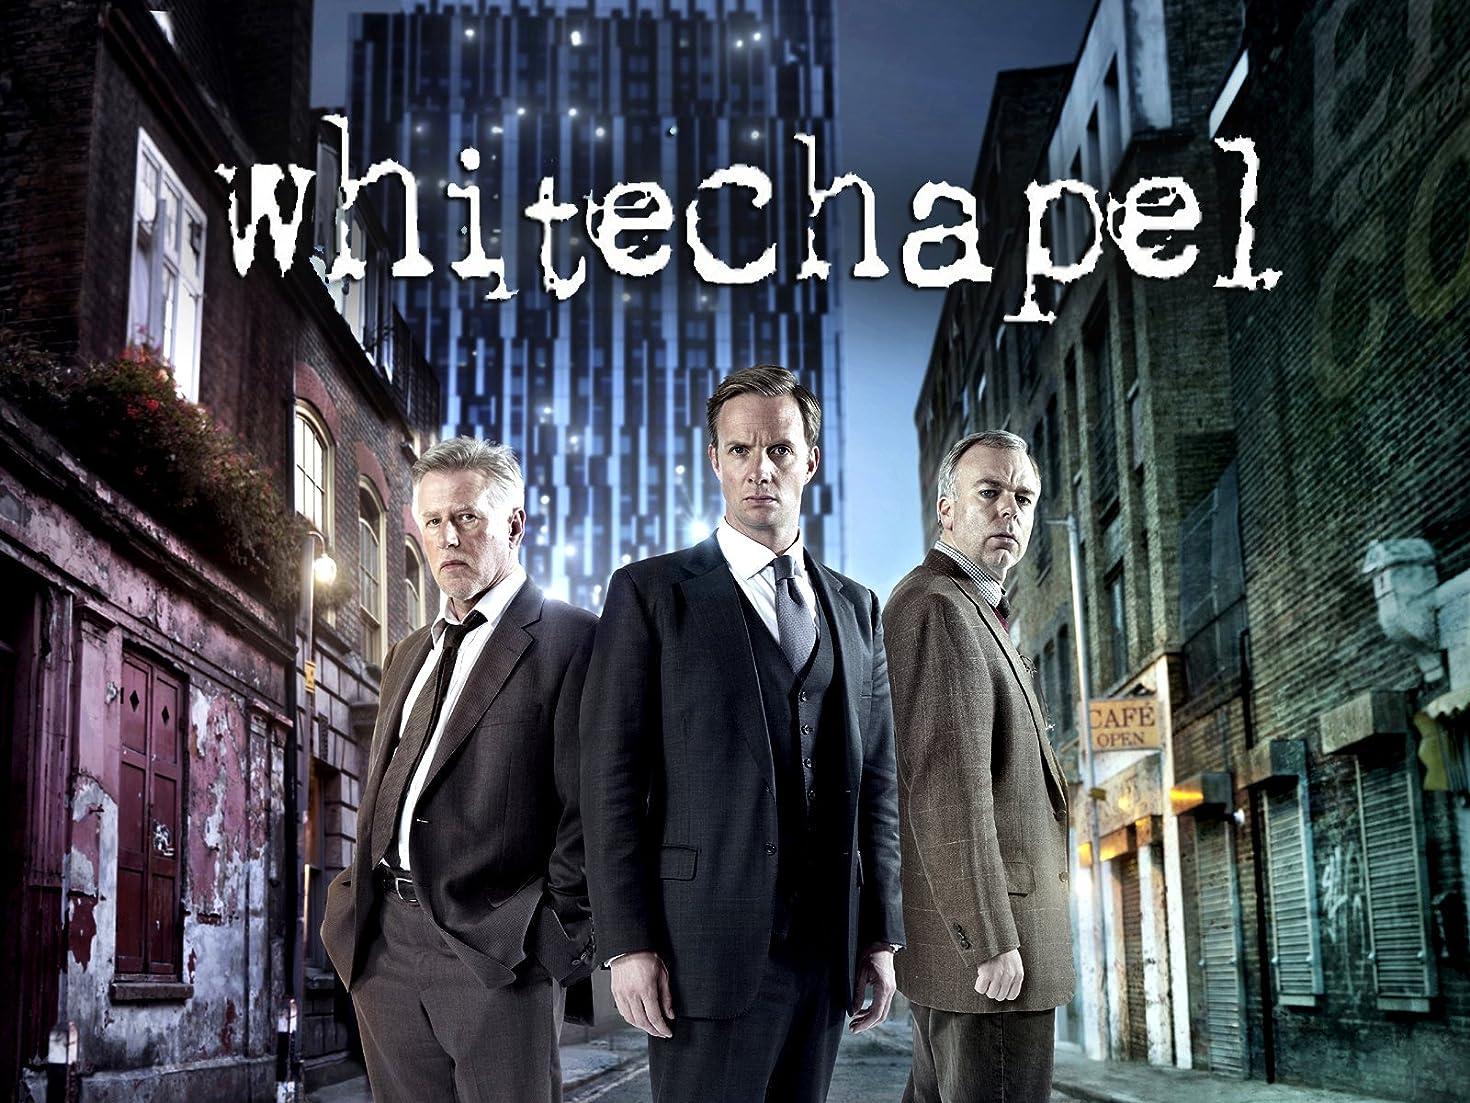 Whitechapel Season 3